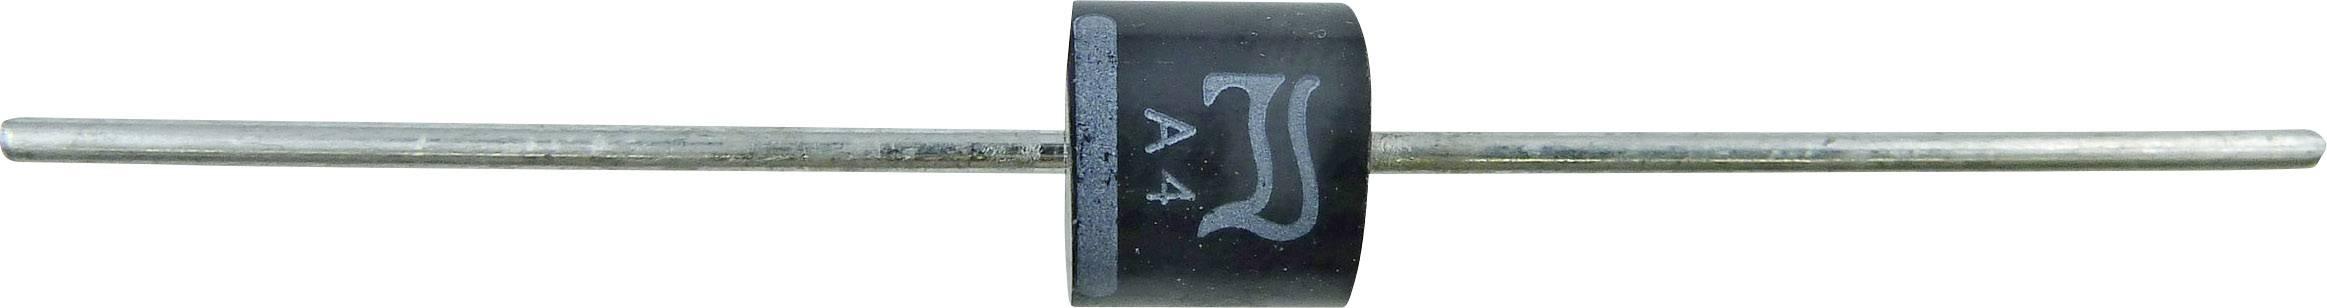 Kremíková usmerňovacia dióda Diotec P600M P600M P600, 6 A, 1000 V